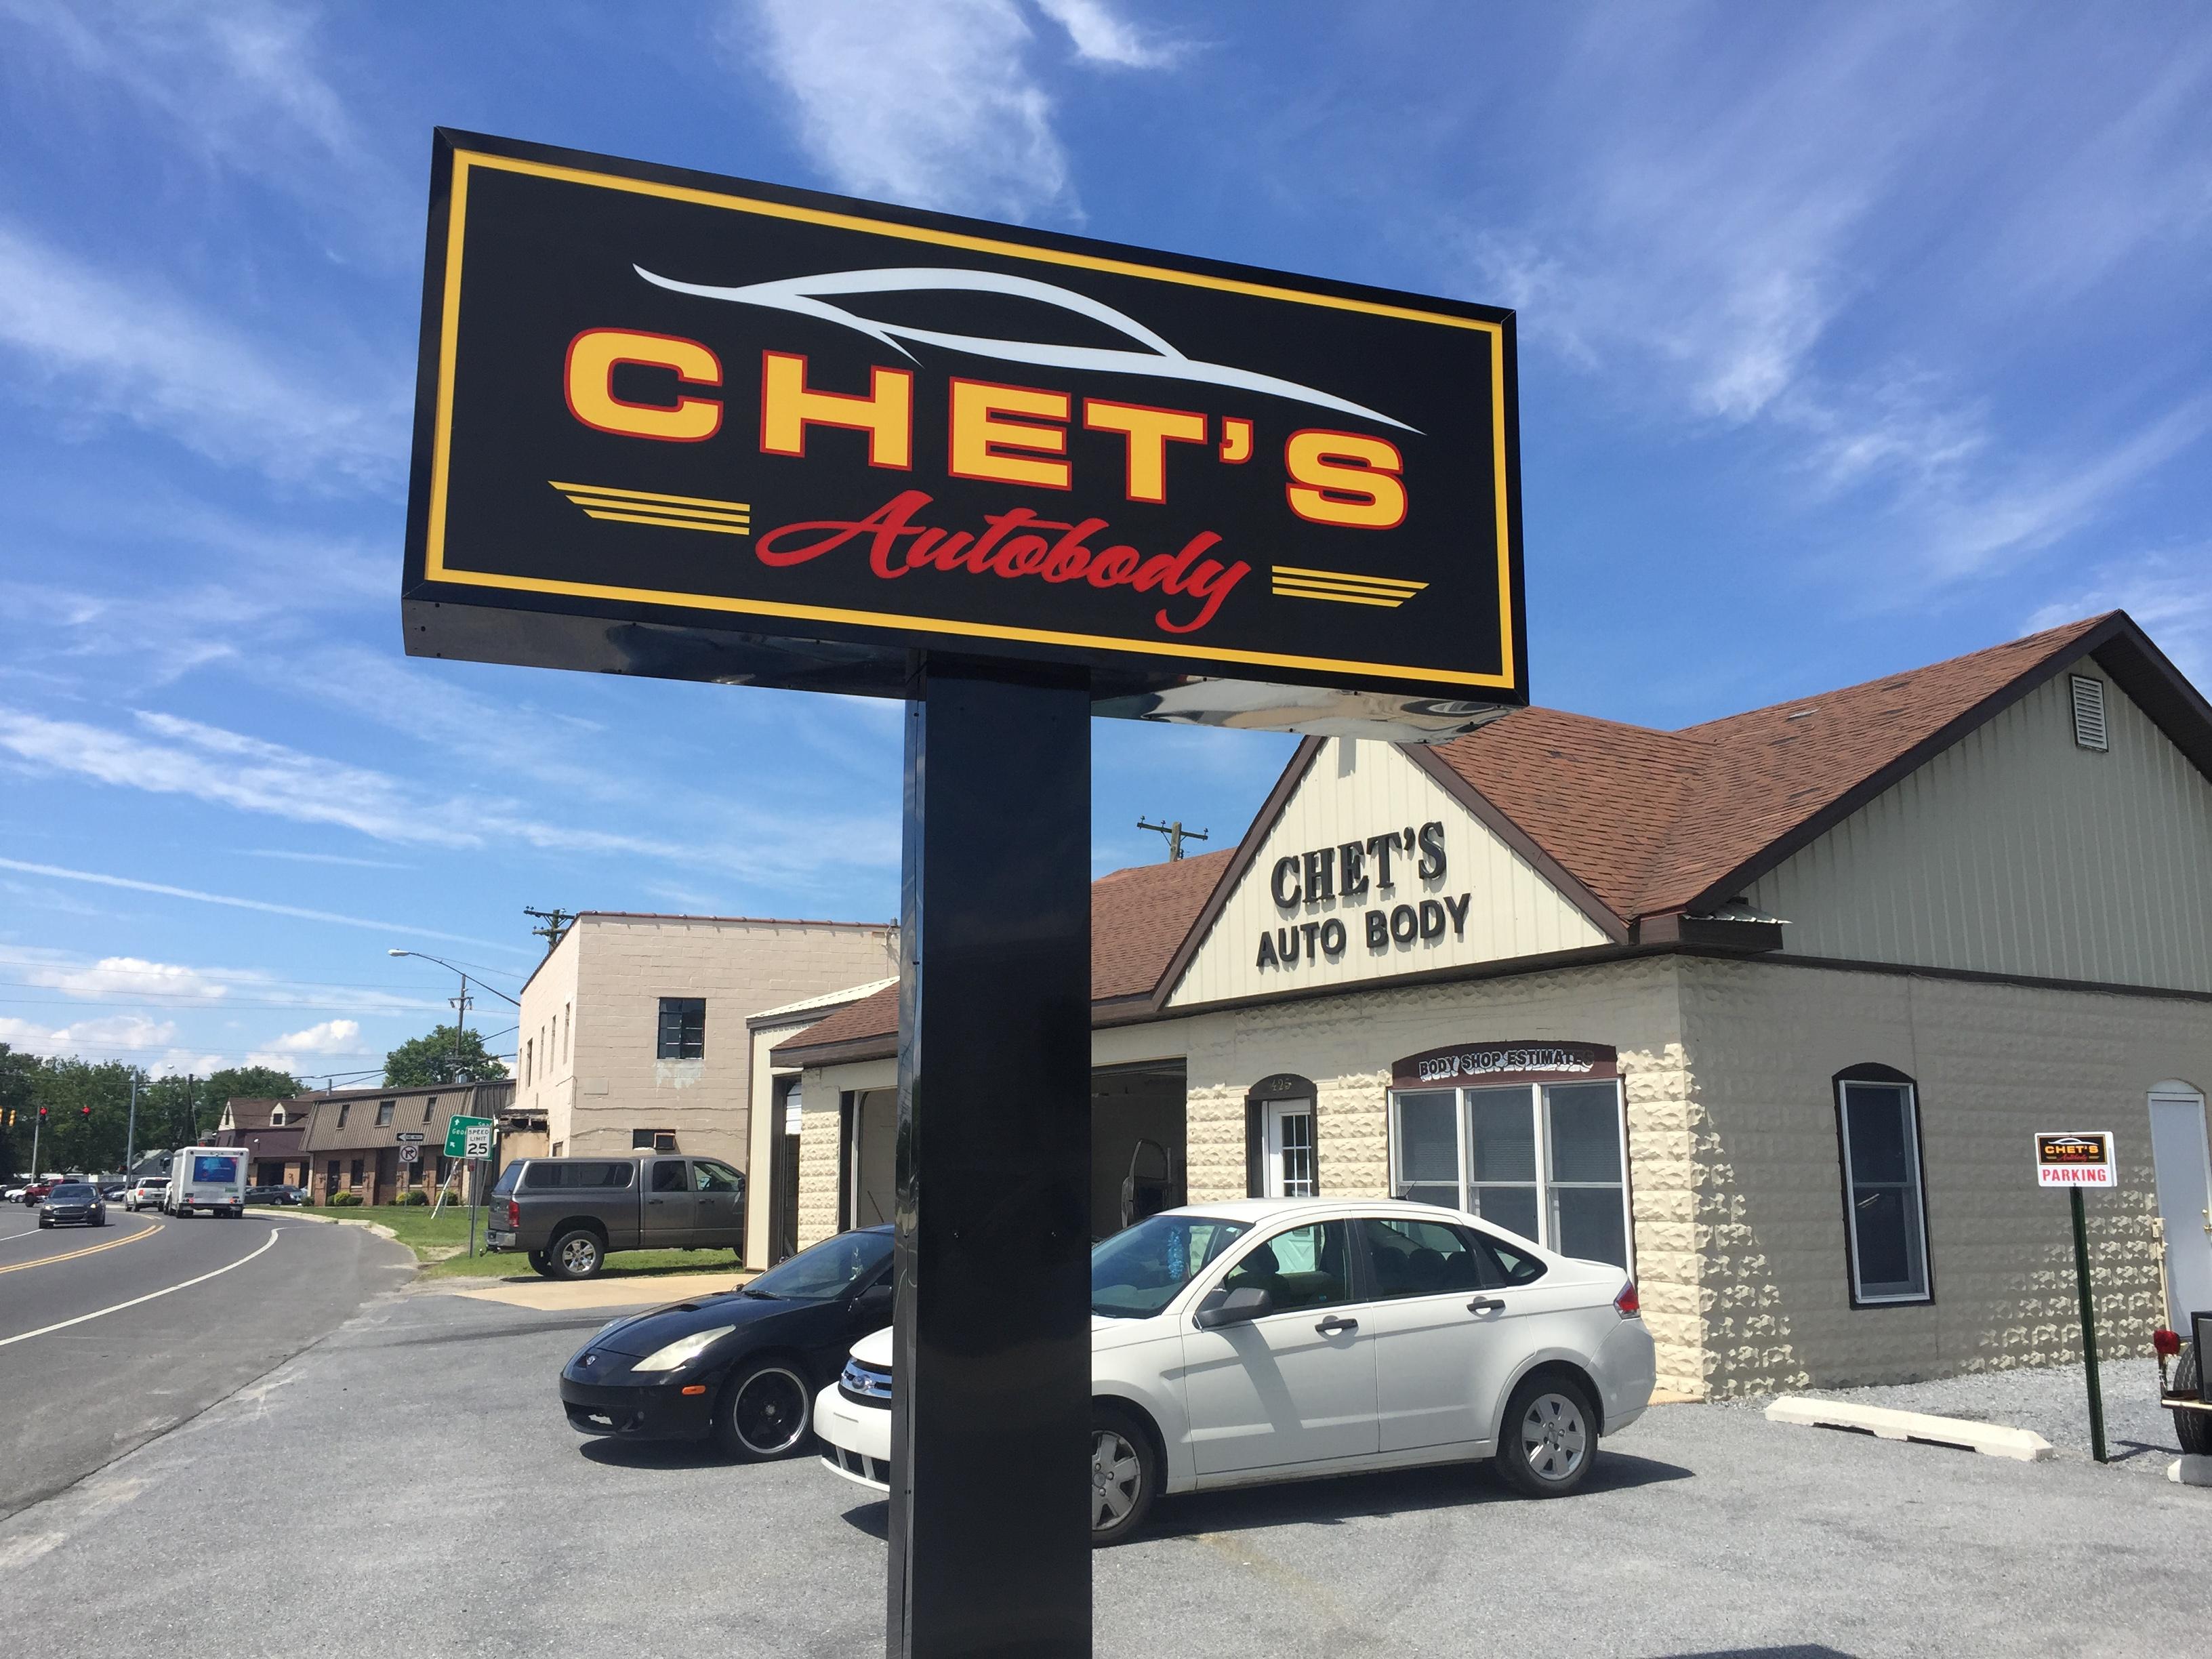 Chet's Auto Body